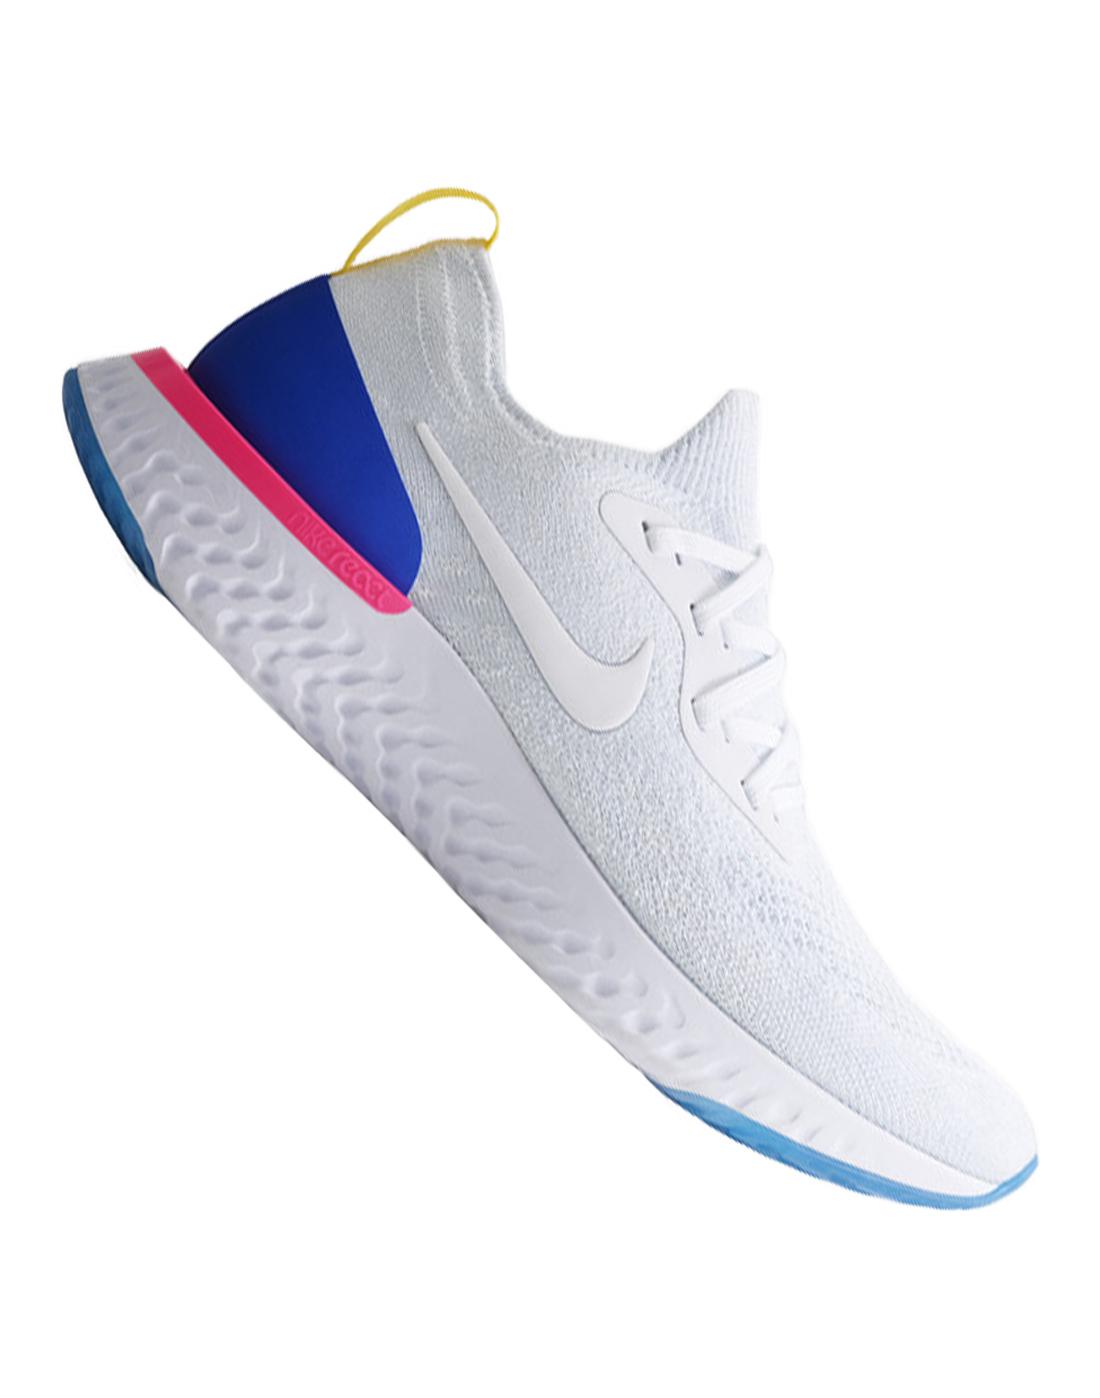 c783cc94ec506 Men s Nike React Running Shoes